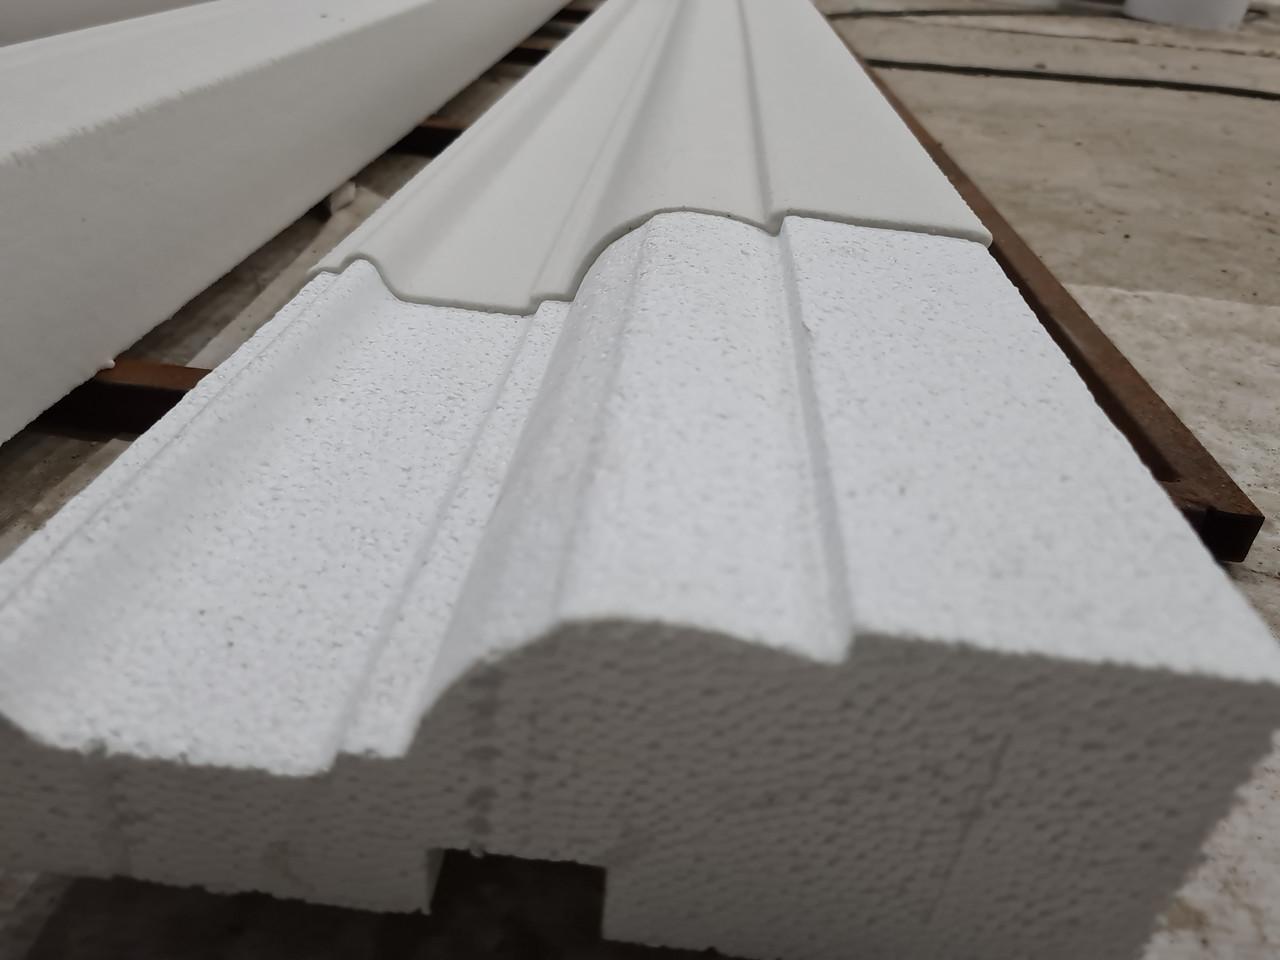 Декор для фасада армированный пенопласт обрамление окон карнизы колонны Пилястра угловые элементы - фото 7